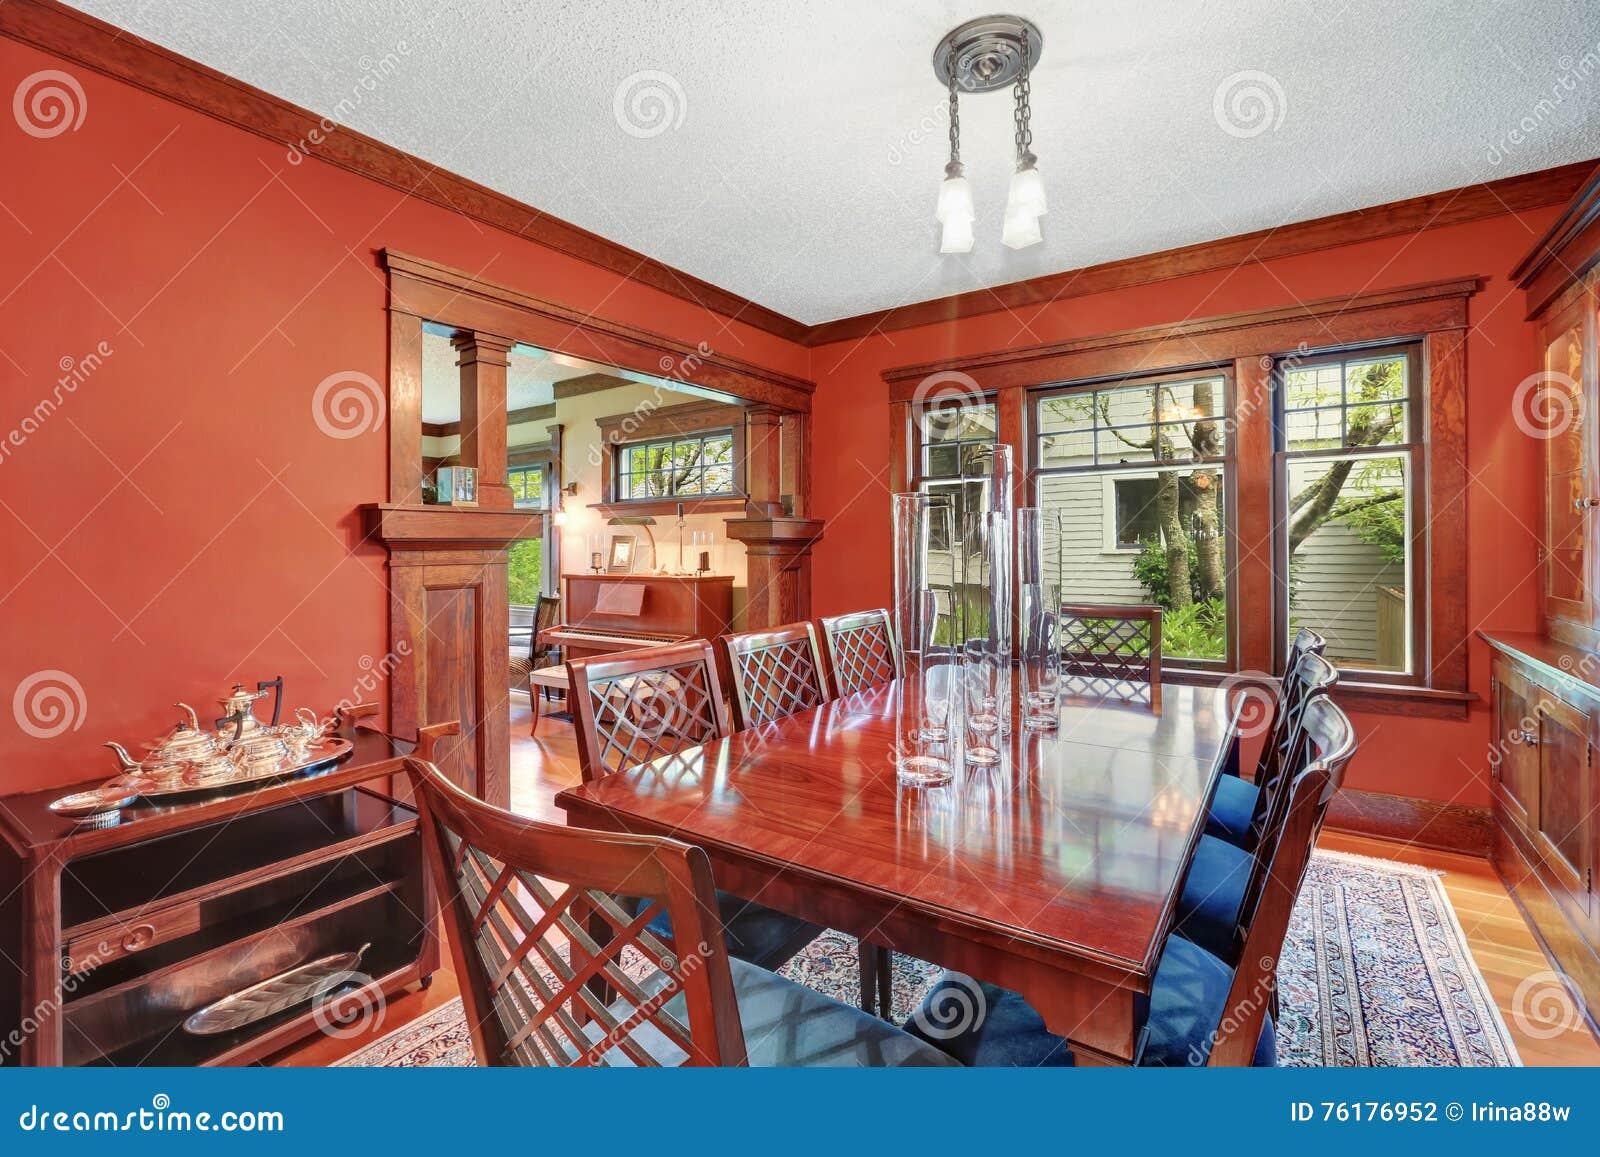 wnde esszimmer, rote wände in esszimmer burgunder-holztisch mit geschnitzten stühlen, Design ideen